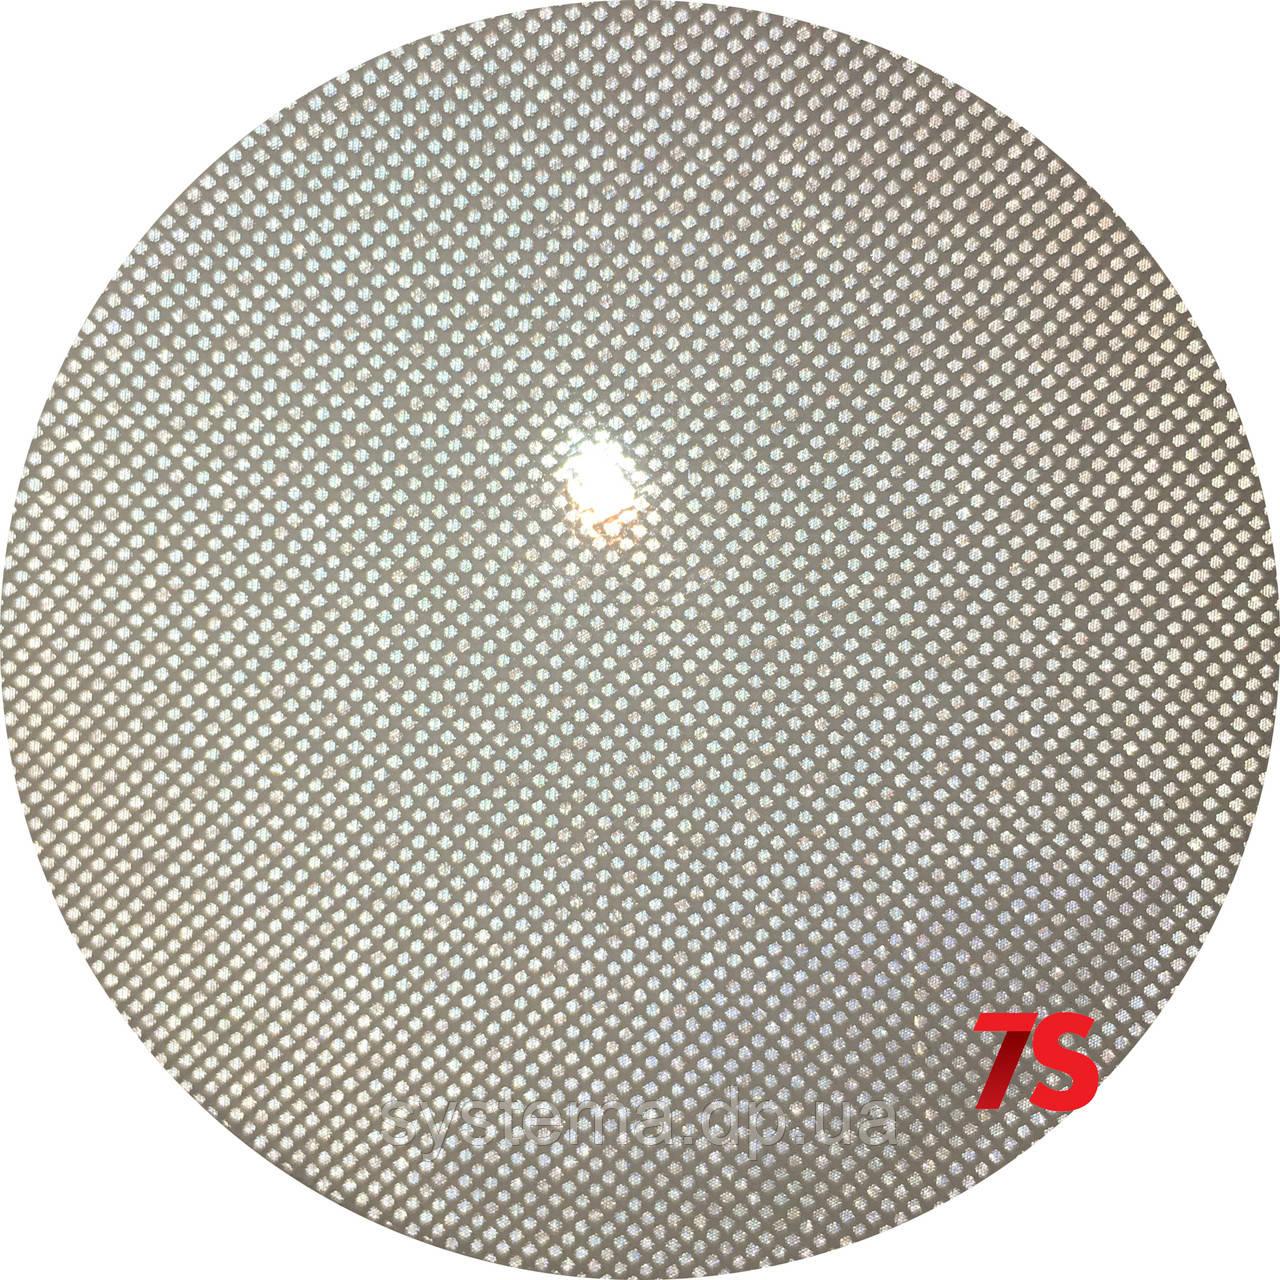 Катафот (отражатель) с оптической системой из микропризм на самоклейке круглый, белый